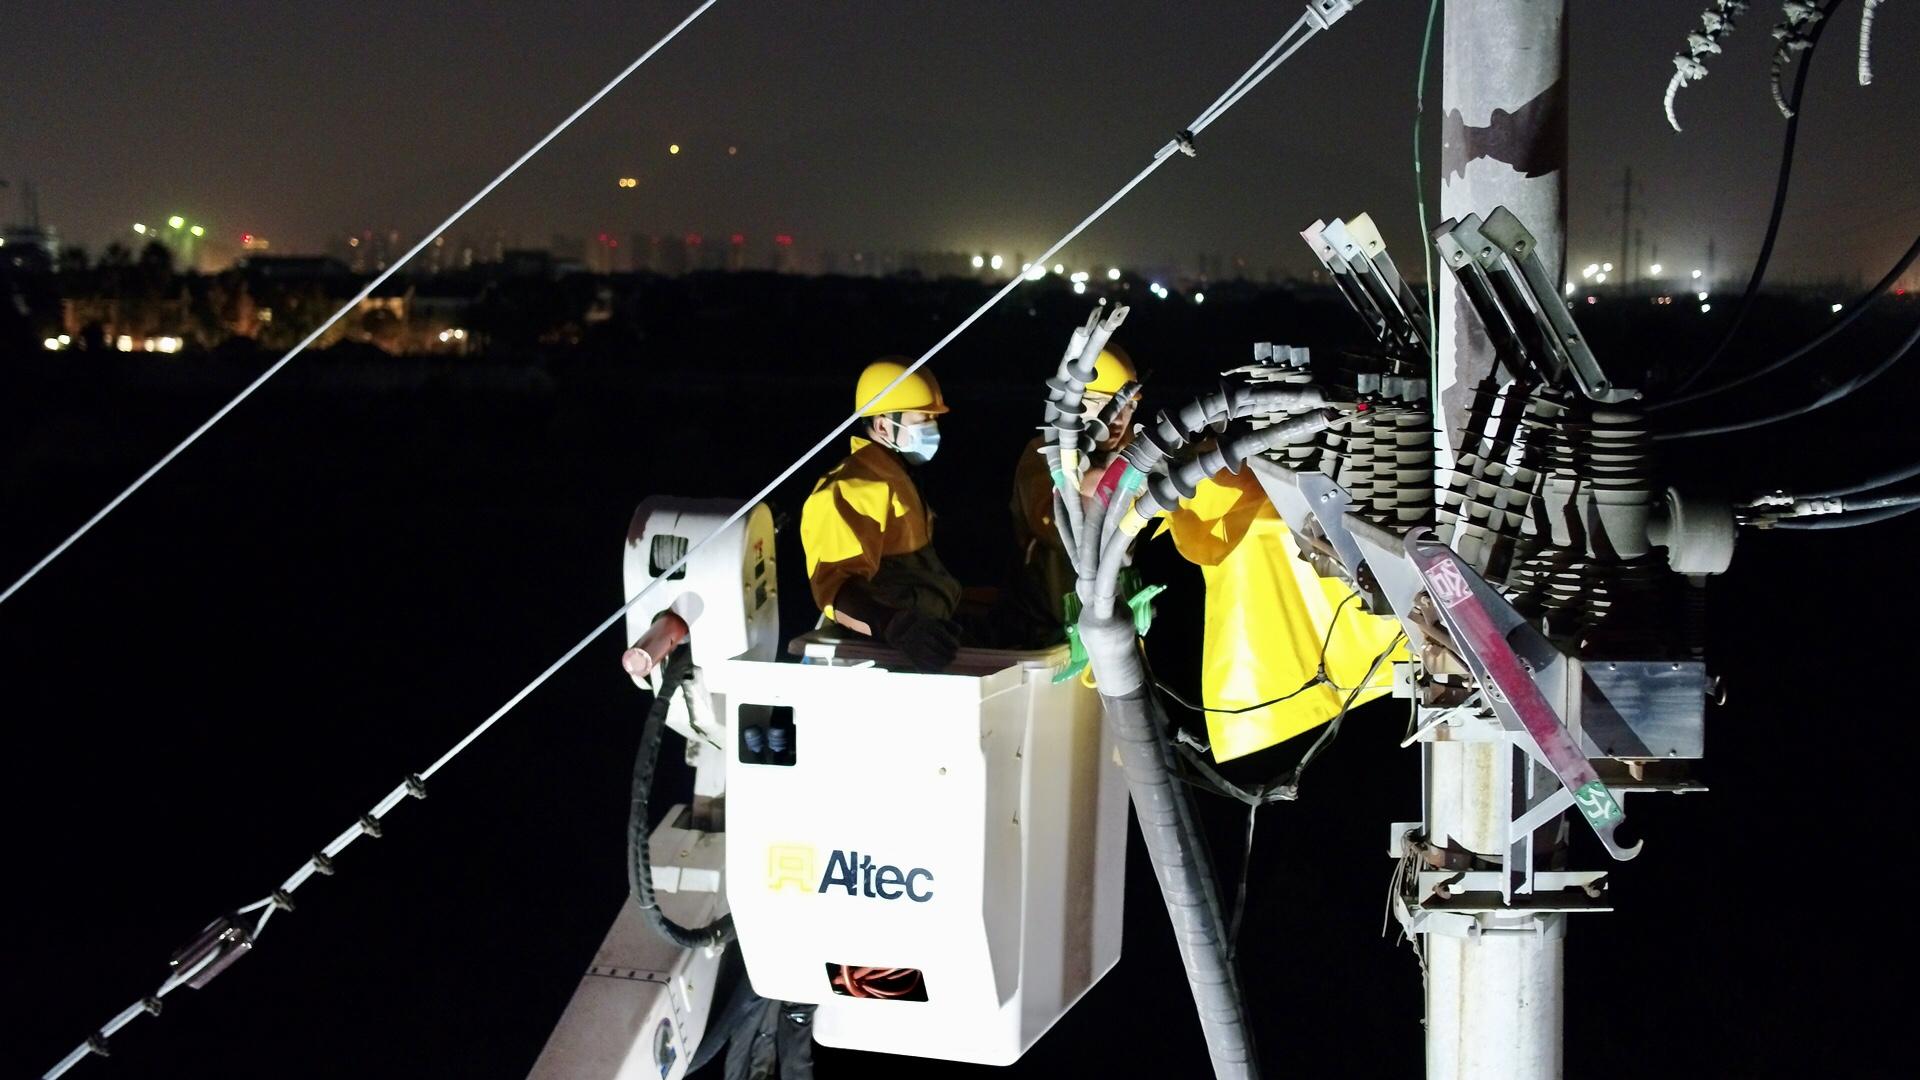 全省首例 台州供电开展110千伏变电站投运10千伏出线大型不停电作业